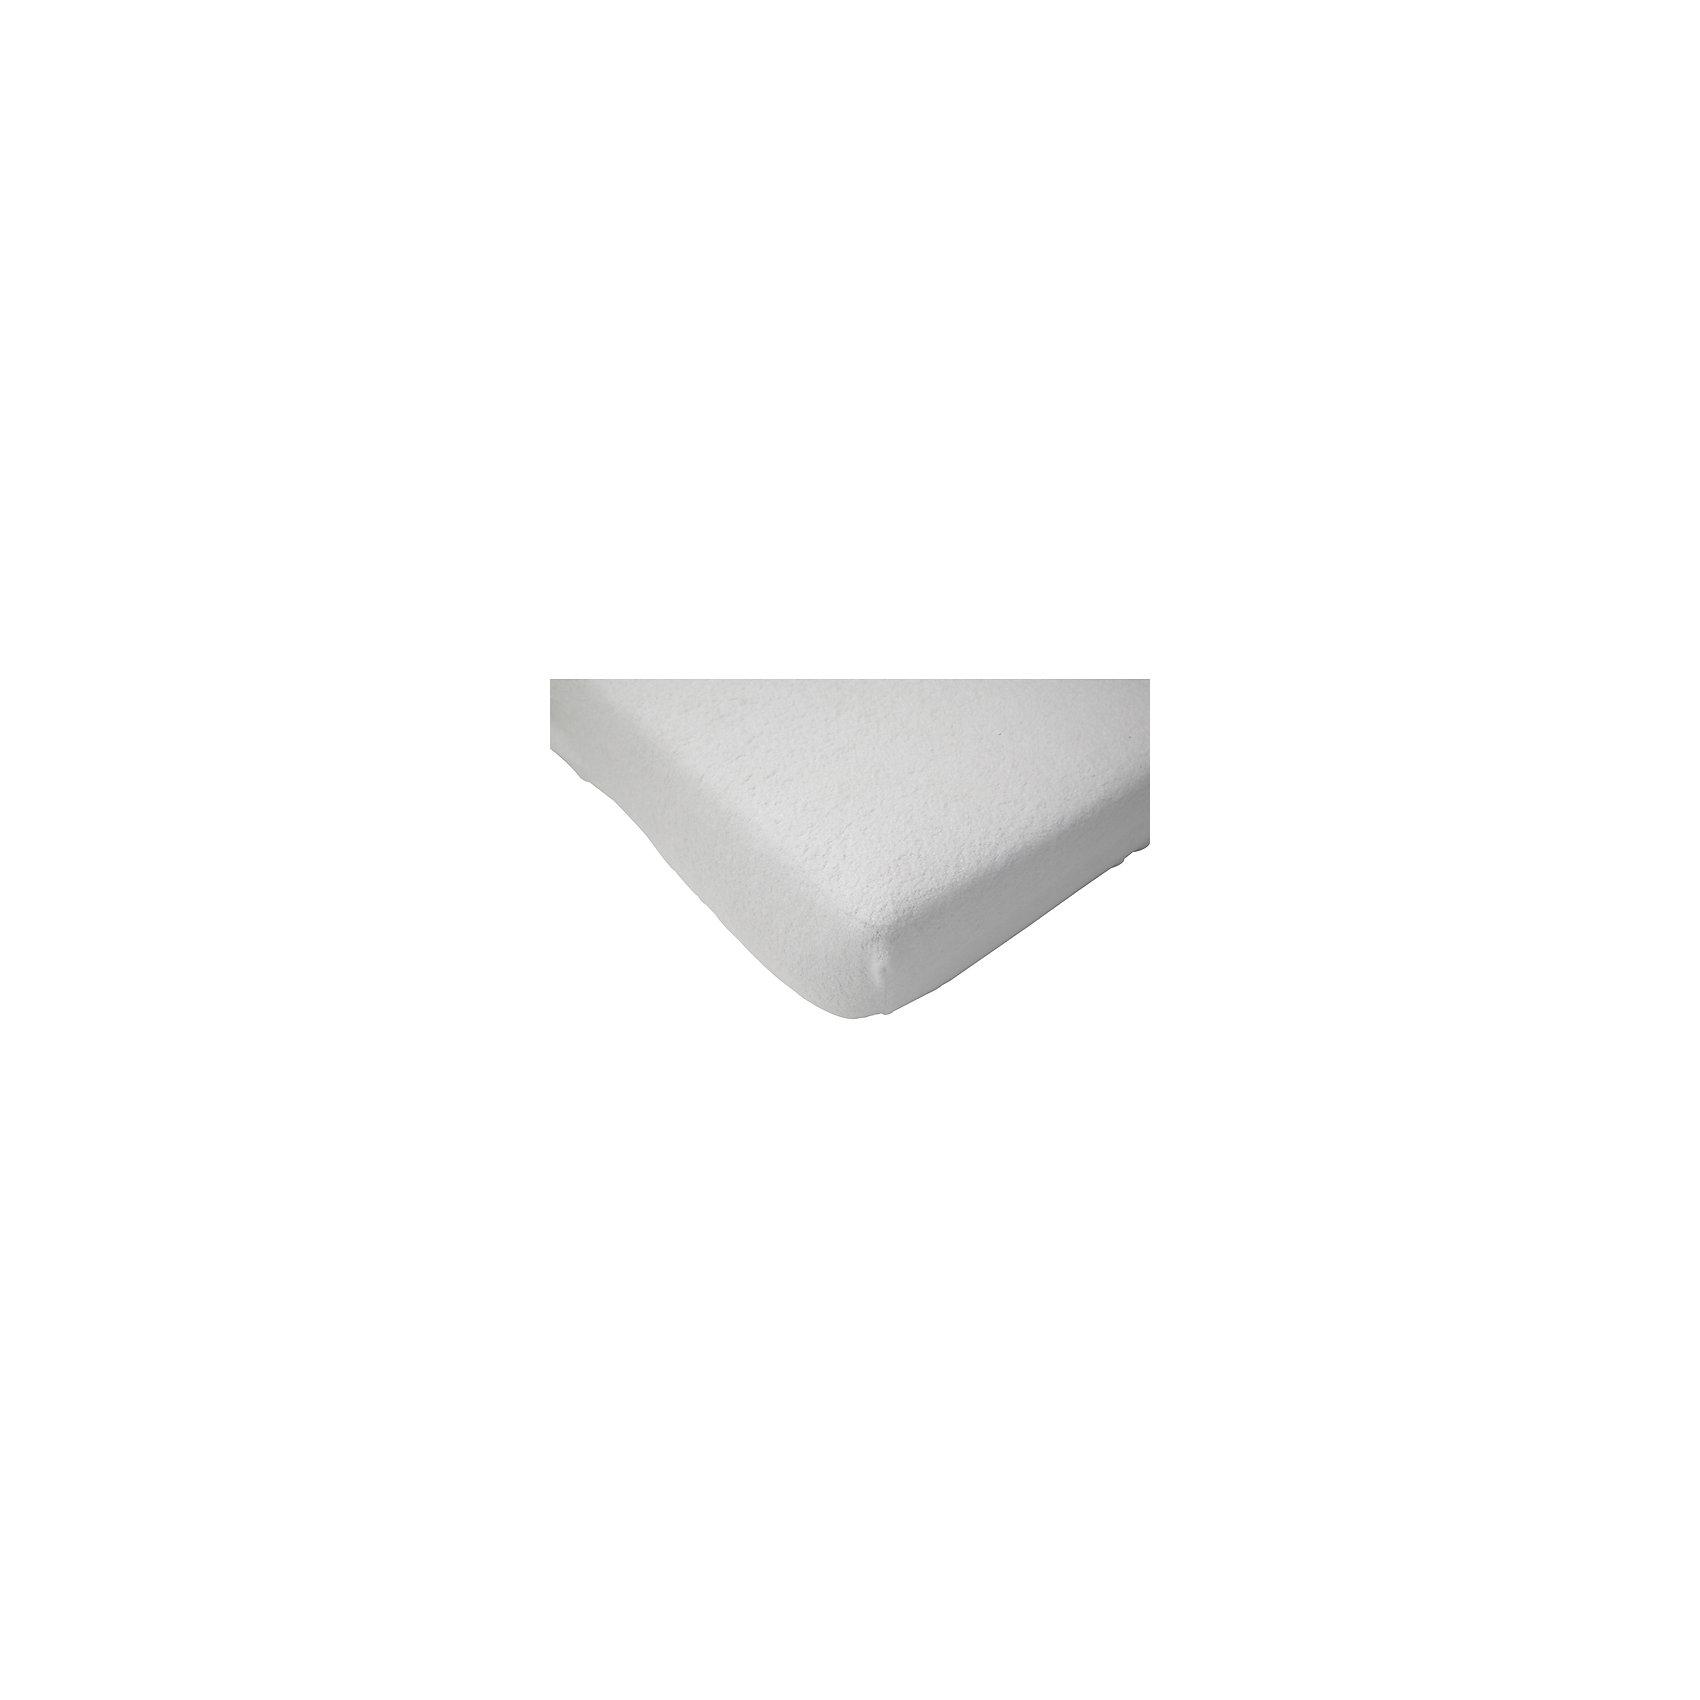 Непромокаемая простыня на резинке 60х120 см, Jollein, WhiteХарактеристики:<br><br>• Вид детского текстиля: непромокаемая простыня<br>• Предназначение: для хранения защиты матраса и поверхностей от промокания, для проведения гигиенических процедур и массажа<br>• Пол: универсальный<br>• Цвет: белый<br>• Тематика рисунка: без рисунка<br>• Материал: хлопок с полиуретановым покрытием<br>• Размер: 60*120 см<br>• Вес: 180 г<br>• Особенности ухода: машинная или ручная стирка при температуре не более 40 градусов, запрещается гладить<br><br>Непромокаемая простыня на резинке 60х120 см, Jollein, White от торговой марки Жолляйн, которая является признанным лидером среди аналогичных брендов, выпускающих детское постельное белье и текстиль для новорожденных. Продукция этого торгового бренда отличается высоким качеством и дизайнерским стилем. <br><br>Простыня выполнена из натурального хлопка с полиуретановым покрытием, которое защищает от протекания и соответственно от промокания матрасика или другой поверхности. Хлопок обеспечивает воздухопроницаемость и быстрое впитывание влаги. Изделие достаточно простое в уходе, на нем легко отстирываются любые загрязнения, быстро высыхает. Благодаря резинкам по периметру простыни она плотно садится на матрасик, не сбивается и не образует складок. <br><br>Непромокаемая простыня на резинке 60х120 см, Jollein, White подарит здоровый и спокойный сон вашему малышу и защитит матрасик от промоканий и загрязнений.<br><br>Непромокаемую простыню на резинке 60х120 см, Jollein, White можно купить в нашем интернет-магазине.<br><br>Ширина мм: 190<br>Глубина мм: 240<br>Высота мм: 45<br>Вес г: 285<br>Возраст от месяцев: 0<br>Возраст до месяцев: 36<br>Пол: Унисекс<br>Возраст: Детский<br>SKU: 5367201